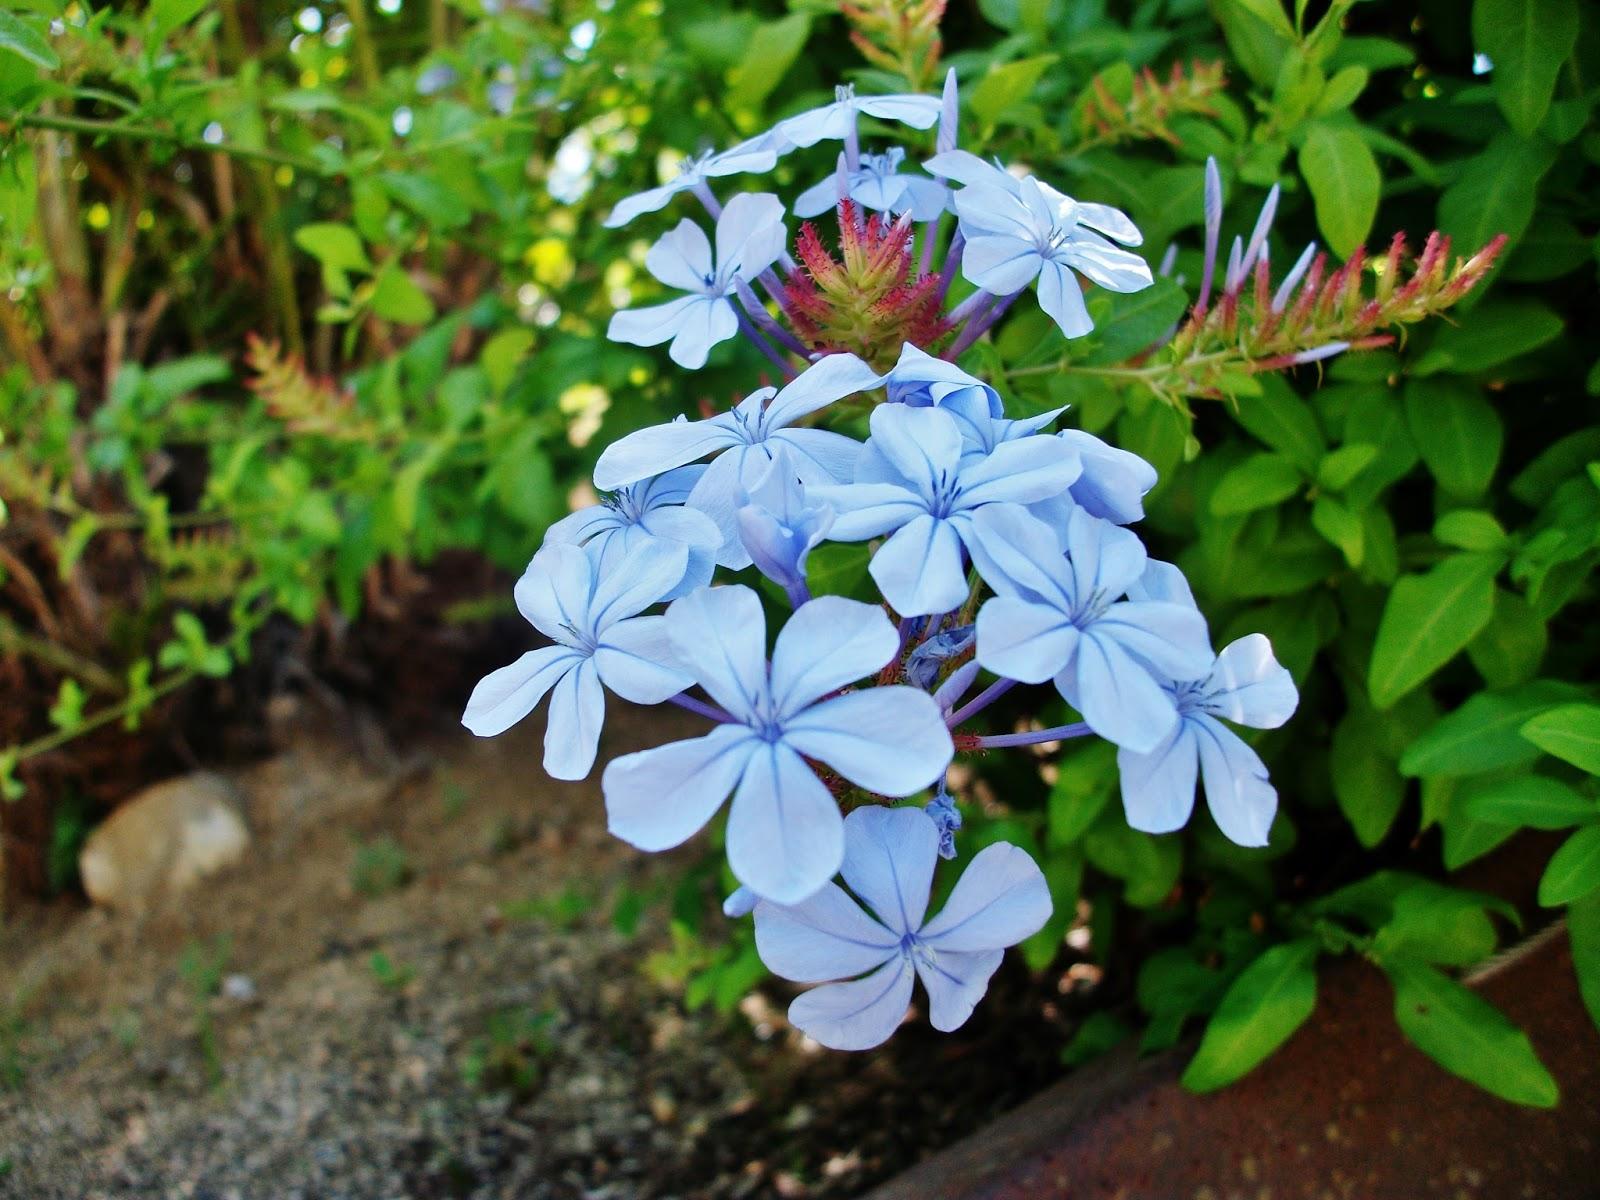 Jard n bot nico de montju c el blog de catalina for Jardin botanico montjuic